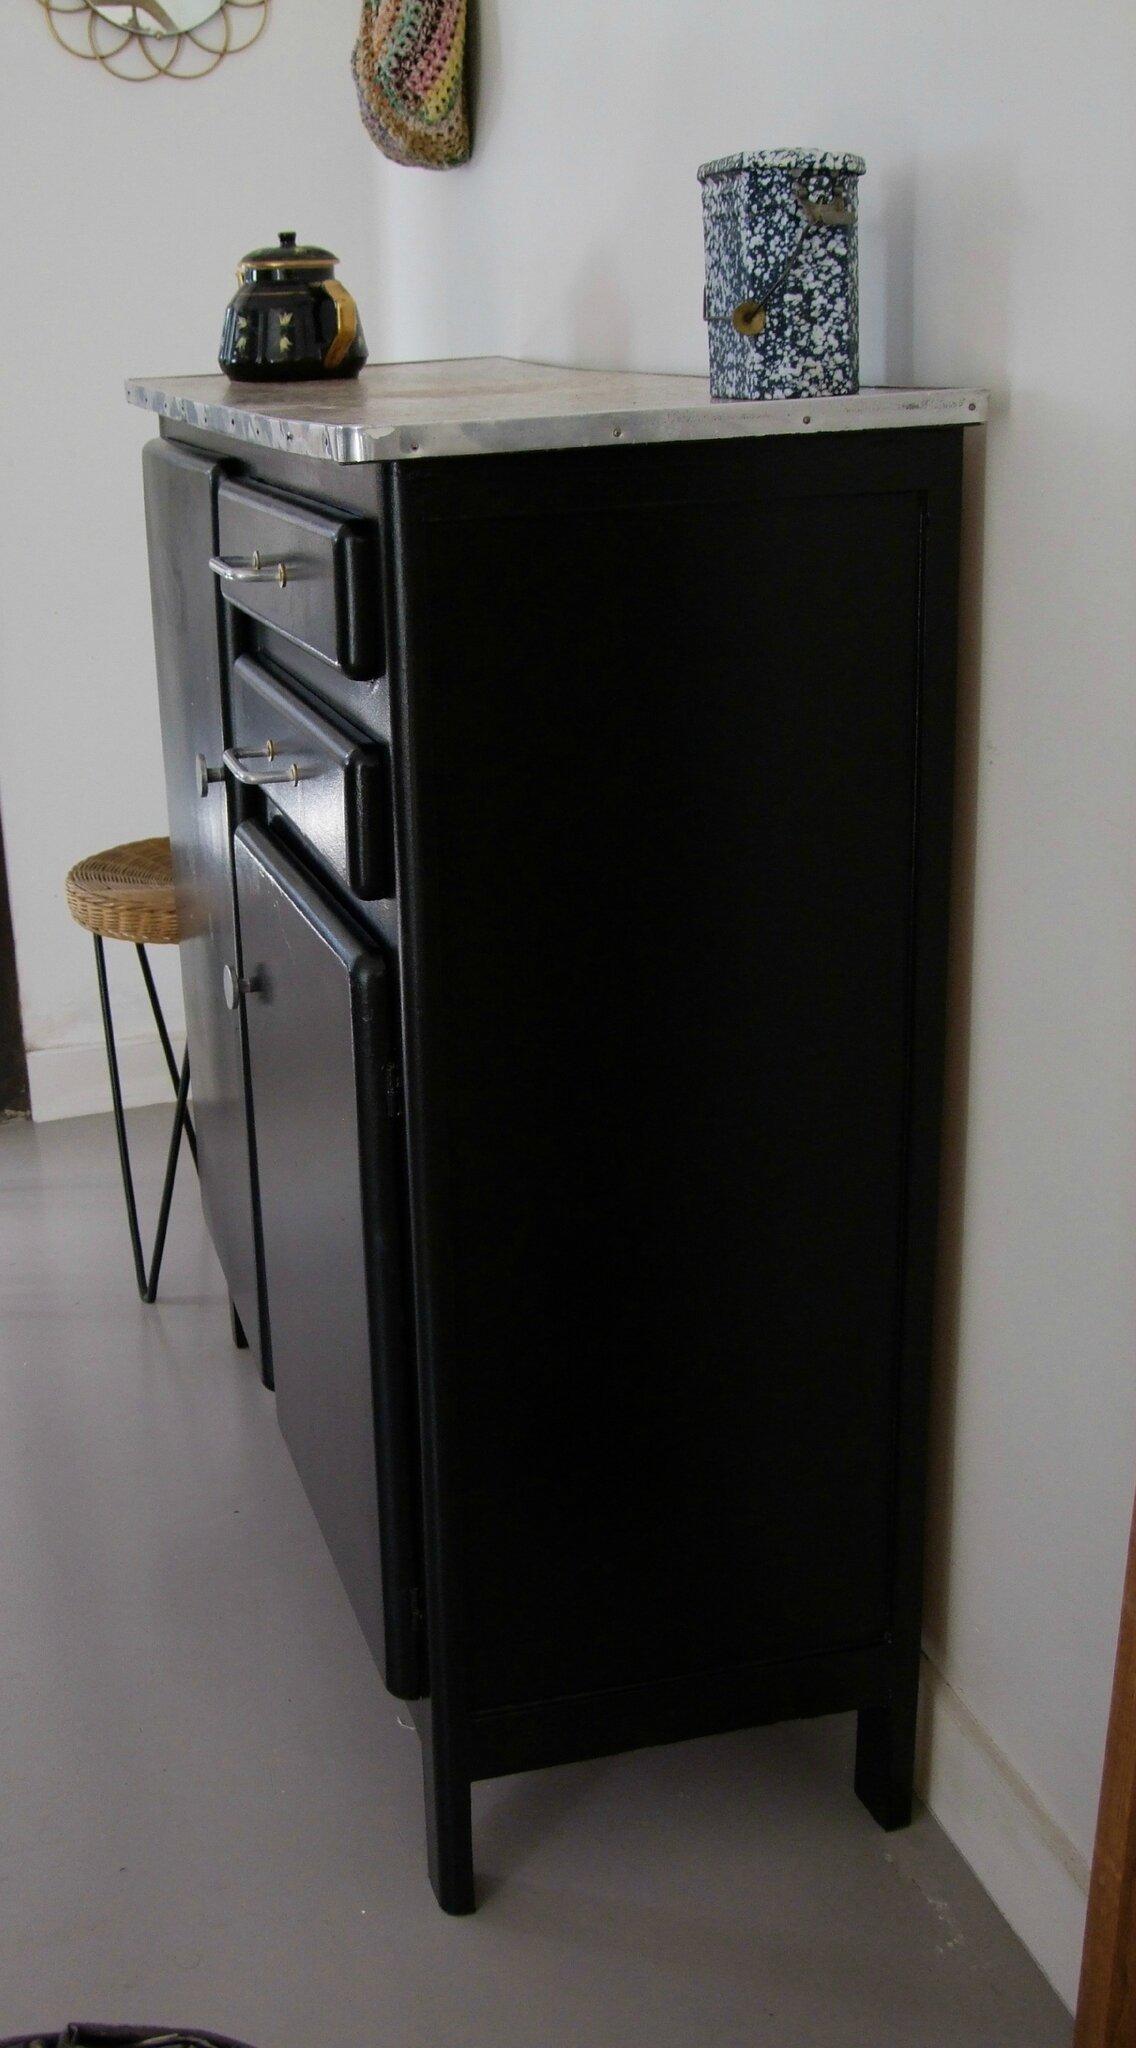 Rangements meubles vintage pataluna chin s d nich s et - Brocante en ligne meubles ...